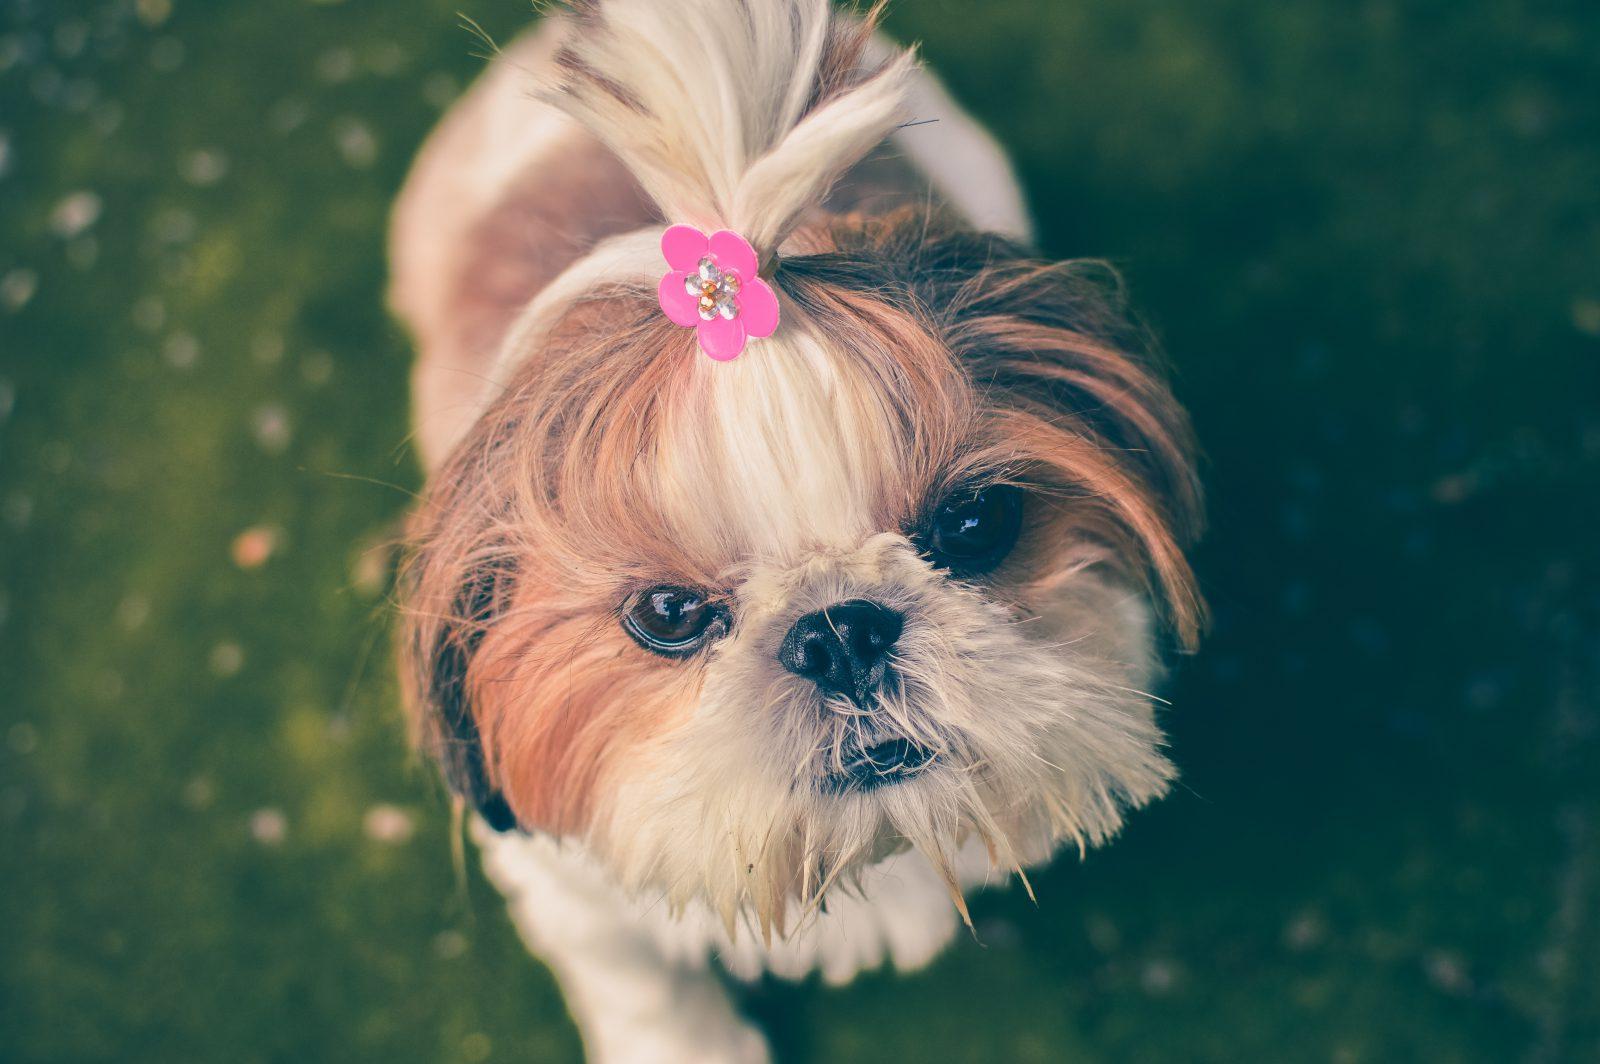 Nomes de cachorros famosos: Shit Tzu de chuquinha posando para foto.